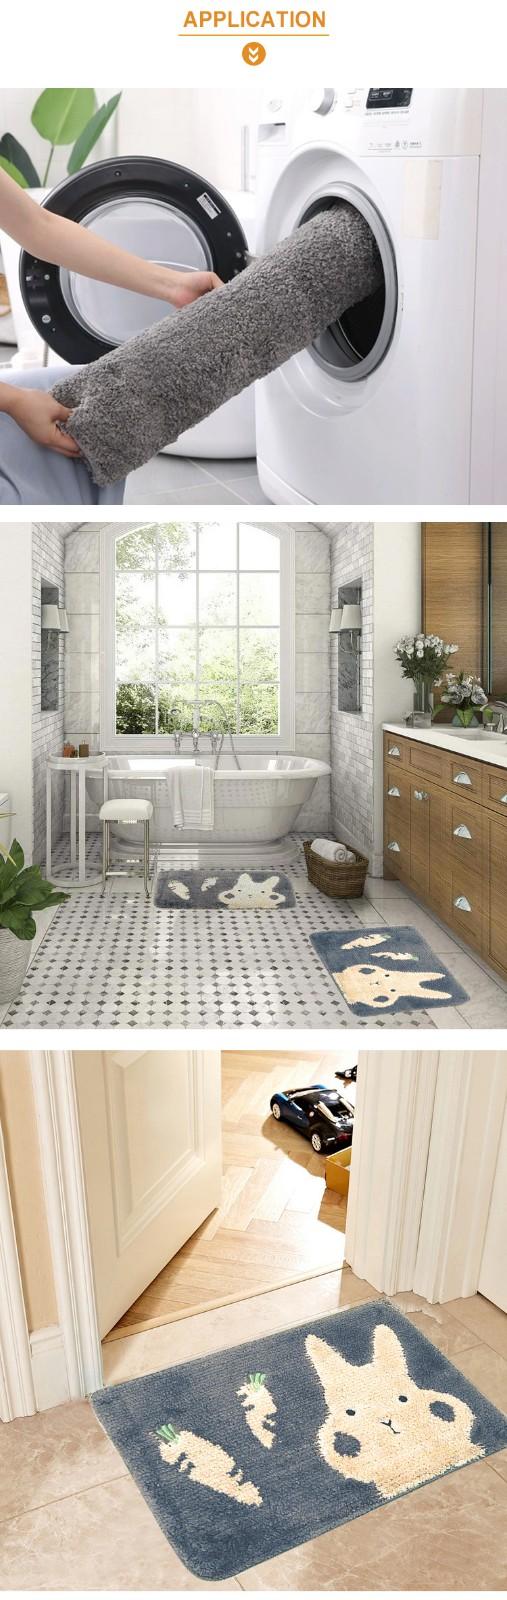 Absorbent Non-slip Microfiber Bathroom Kitchen Door Mat